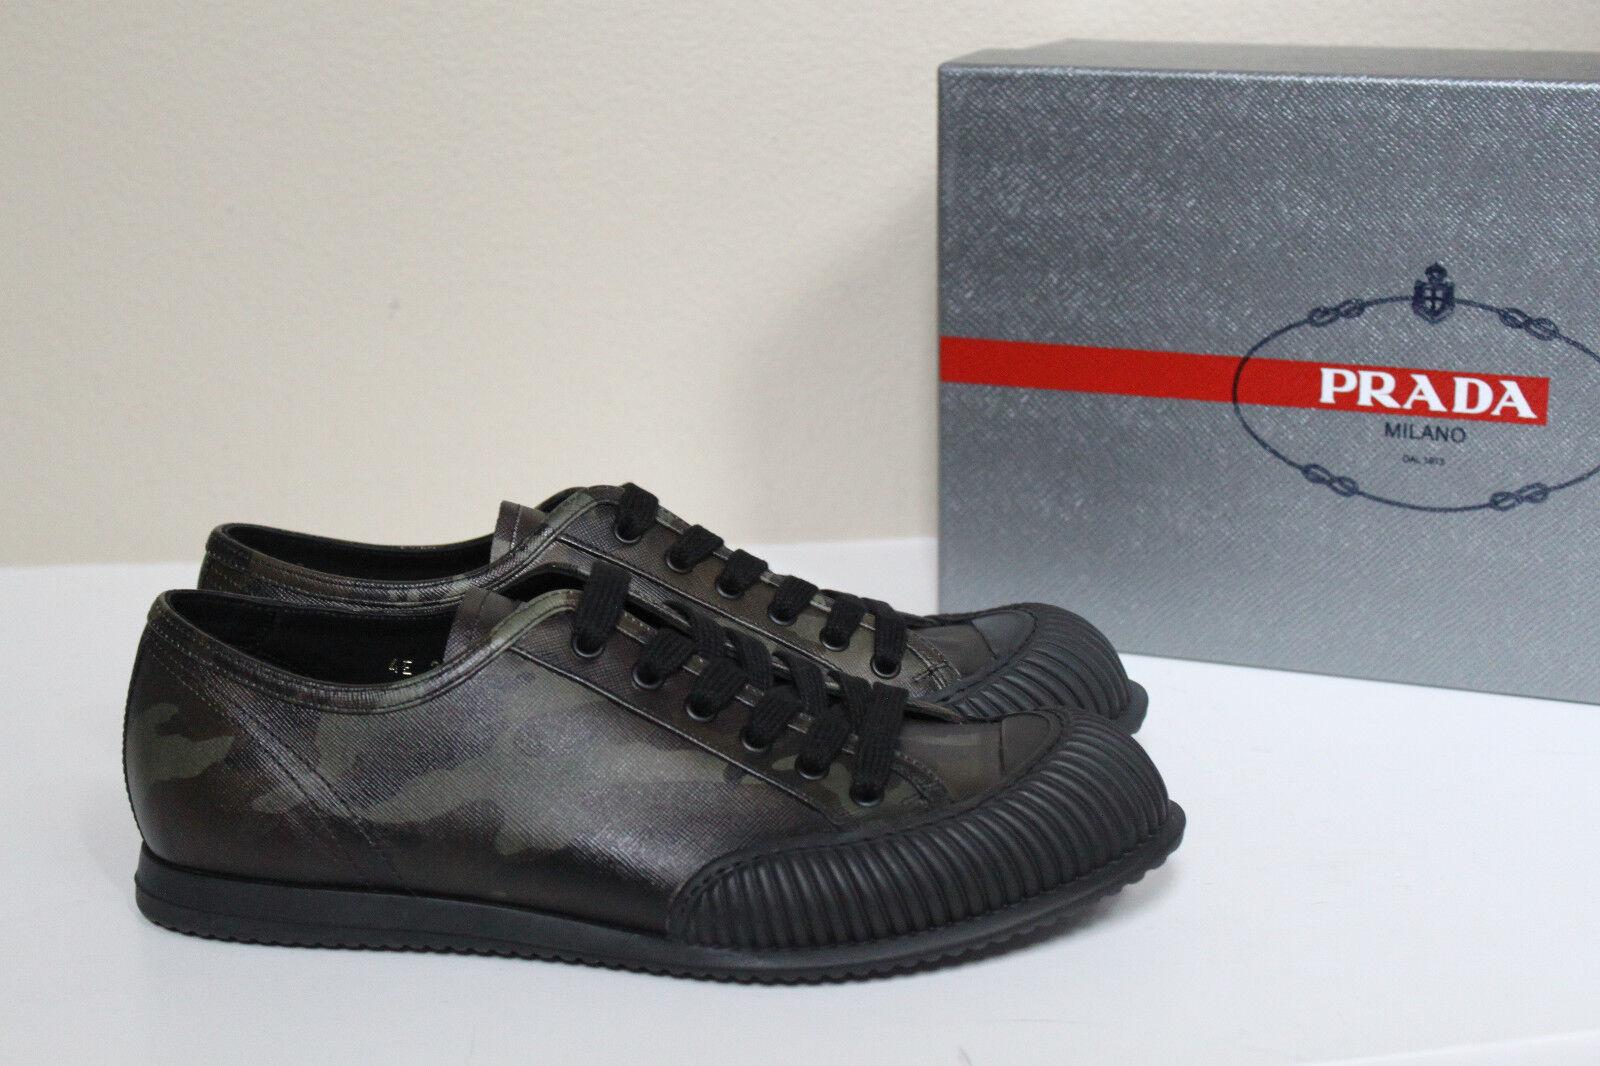 Sz 8 US   7 UK Prada Americas Camo Leather Rubber Toe Lace up scarpe da ginnastica MEN scarpe